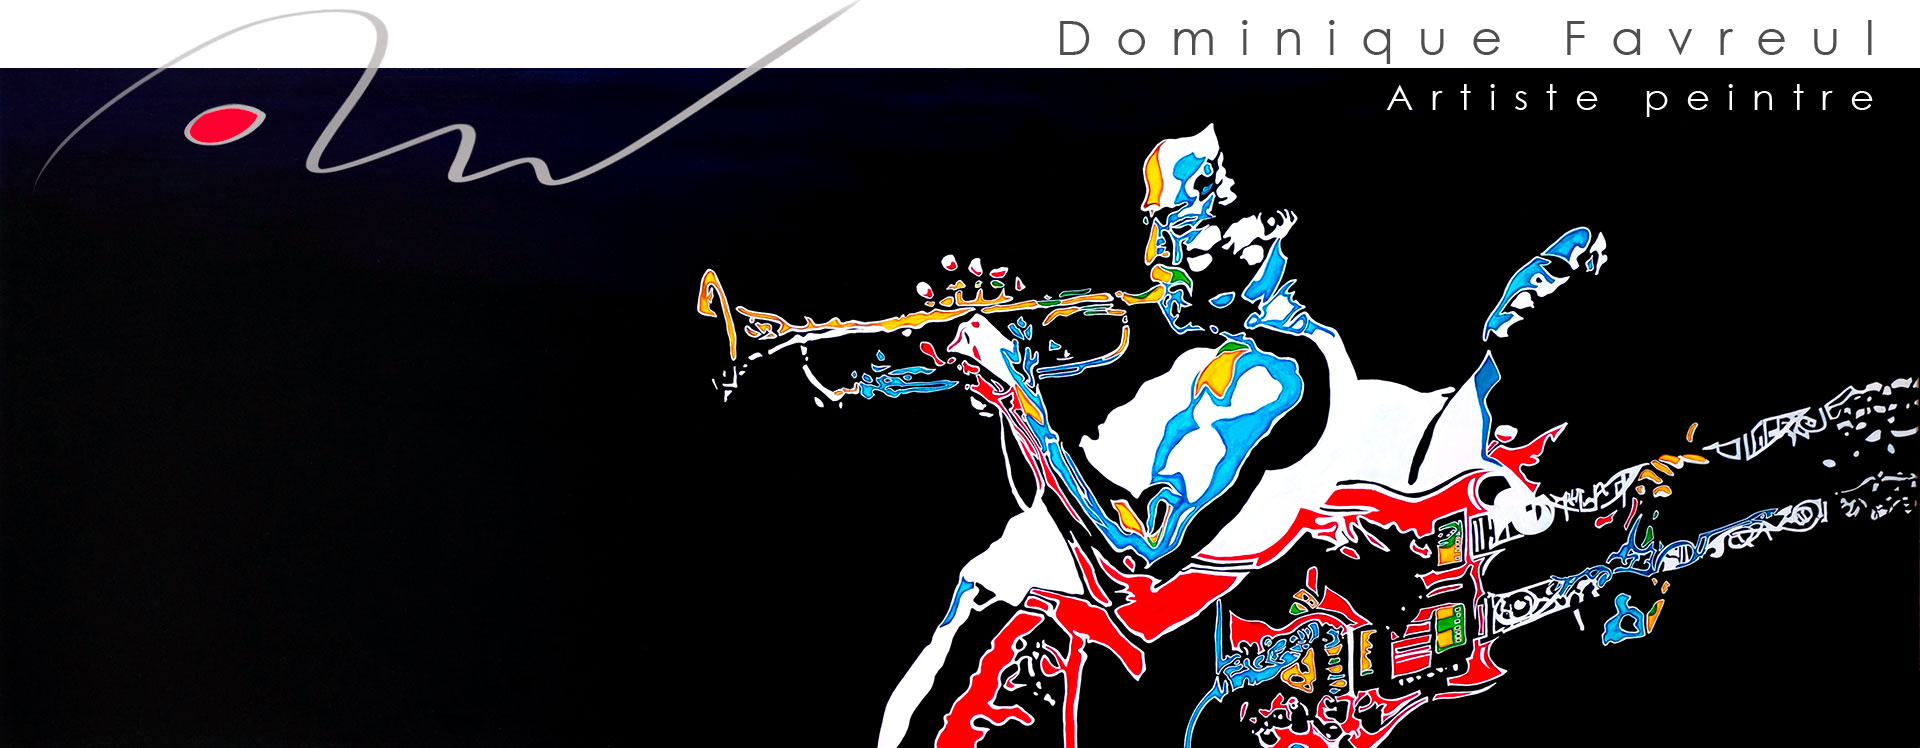 Dominique Favreul Artiste peintre peintures et digraphies